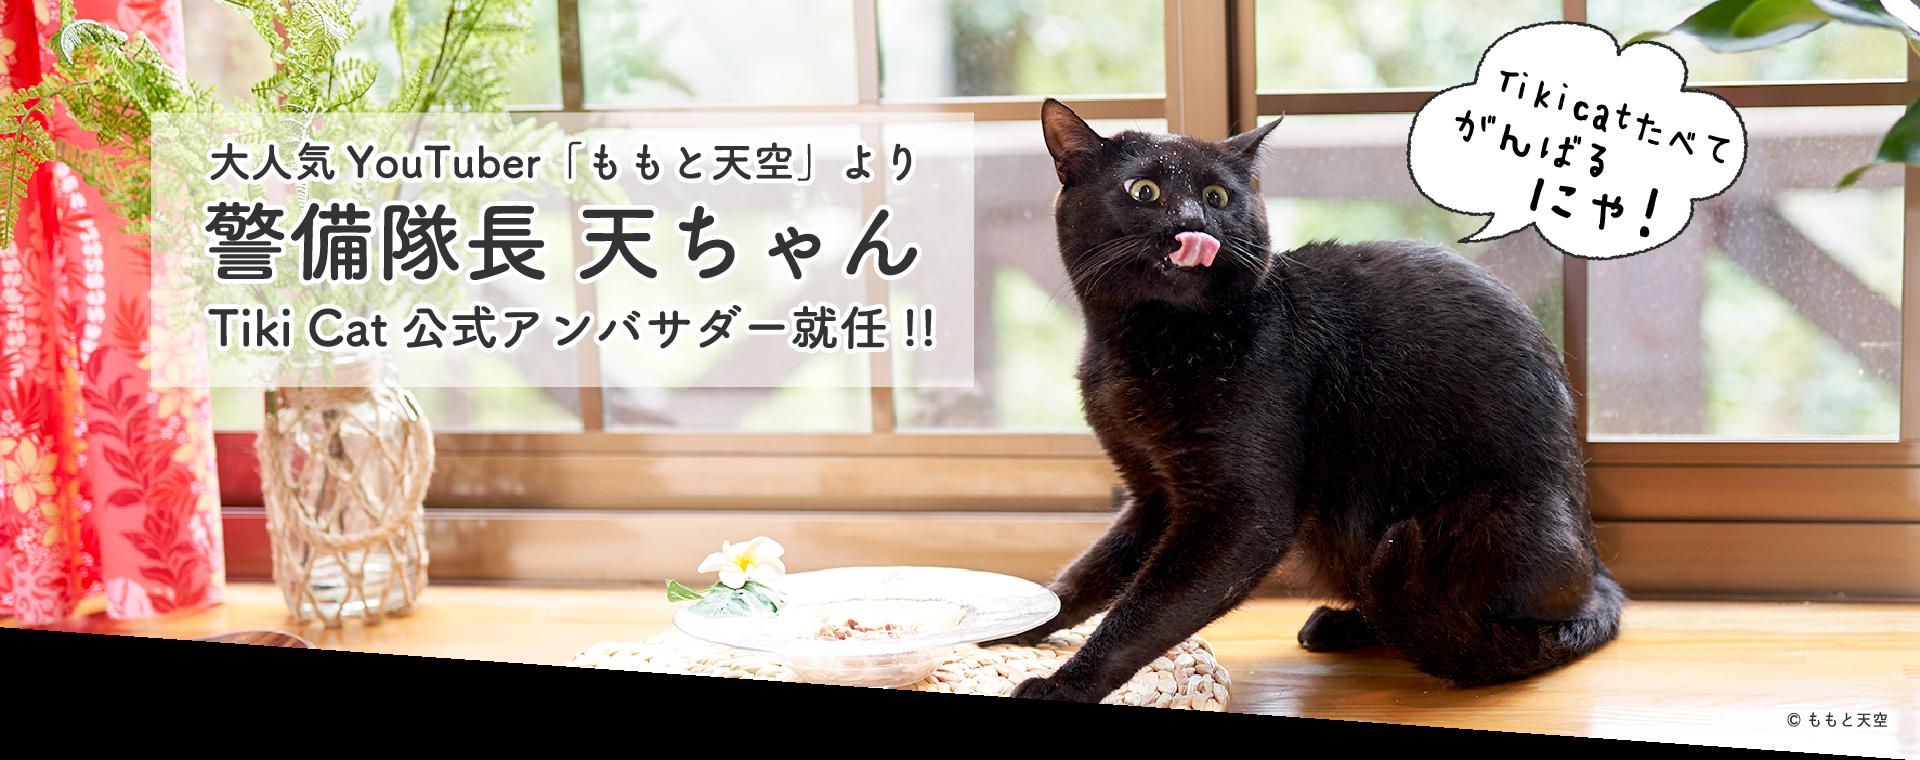 「ももと天空」の警備隊長天ちゃん、Tiki Cat公式アンバサダーに就任